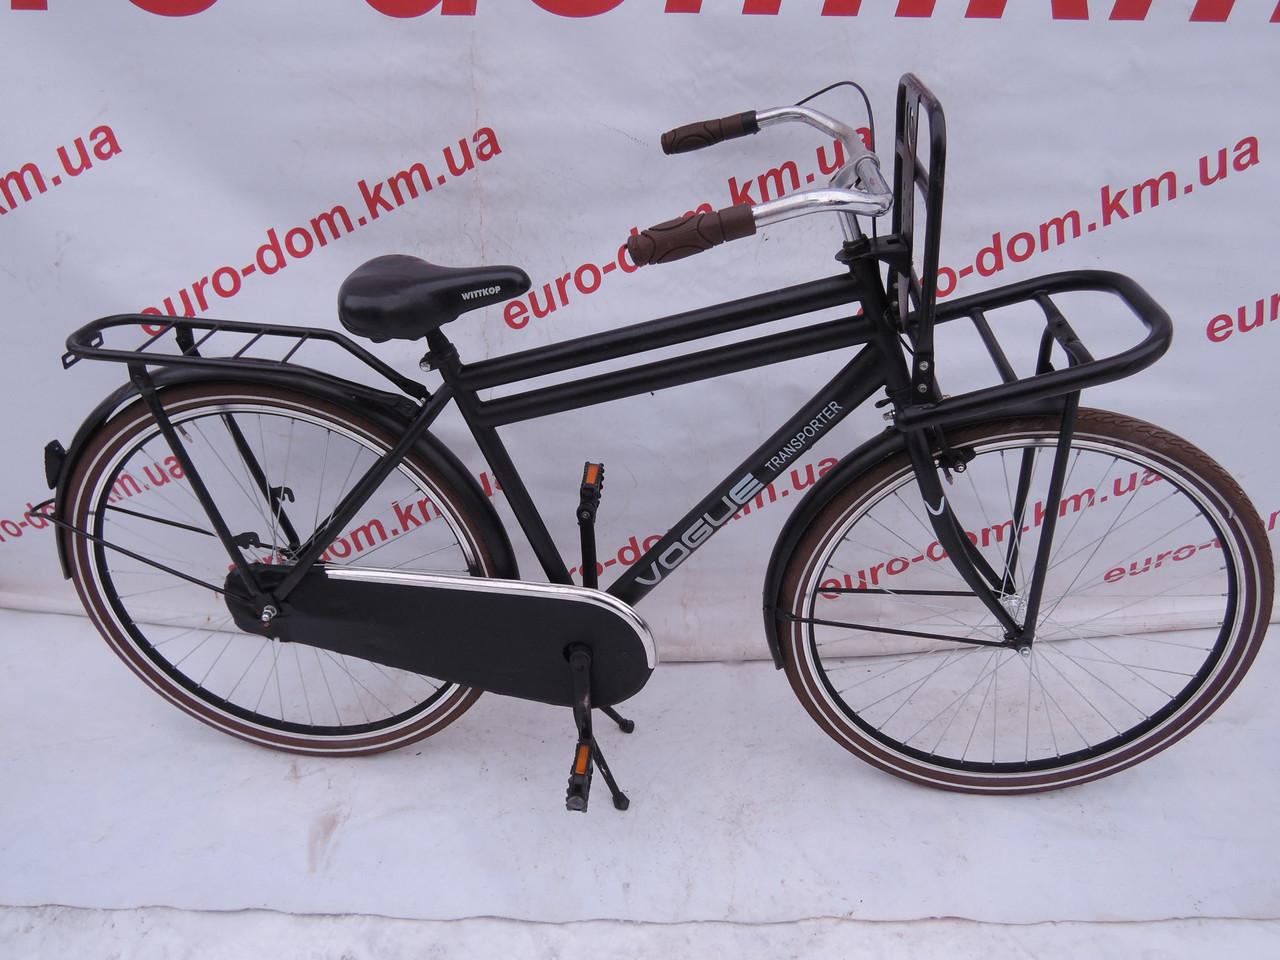 Городской велосипед Vogue 28 колеса. Простой классической велосипед